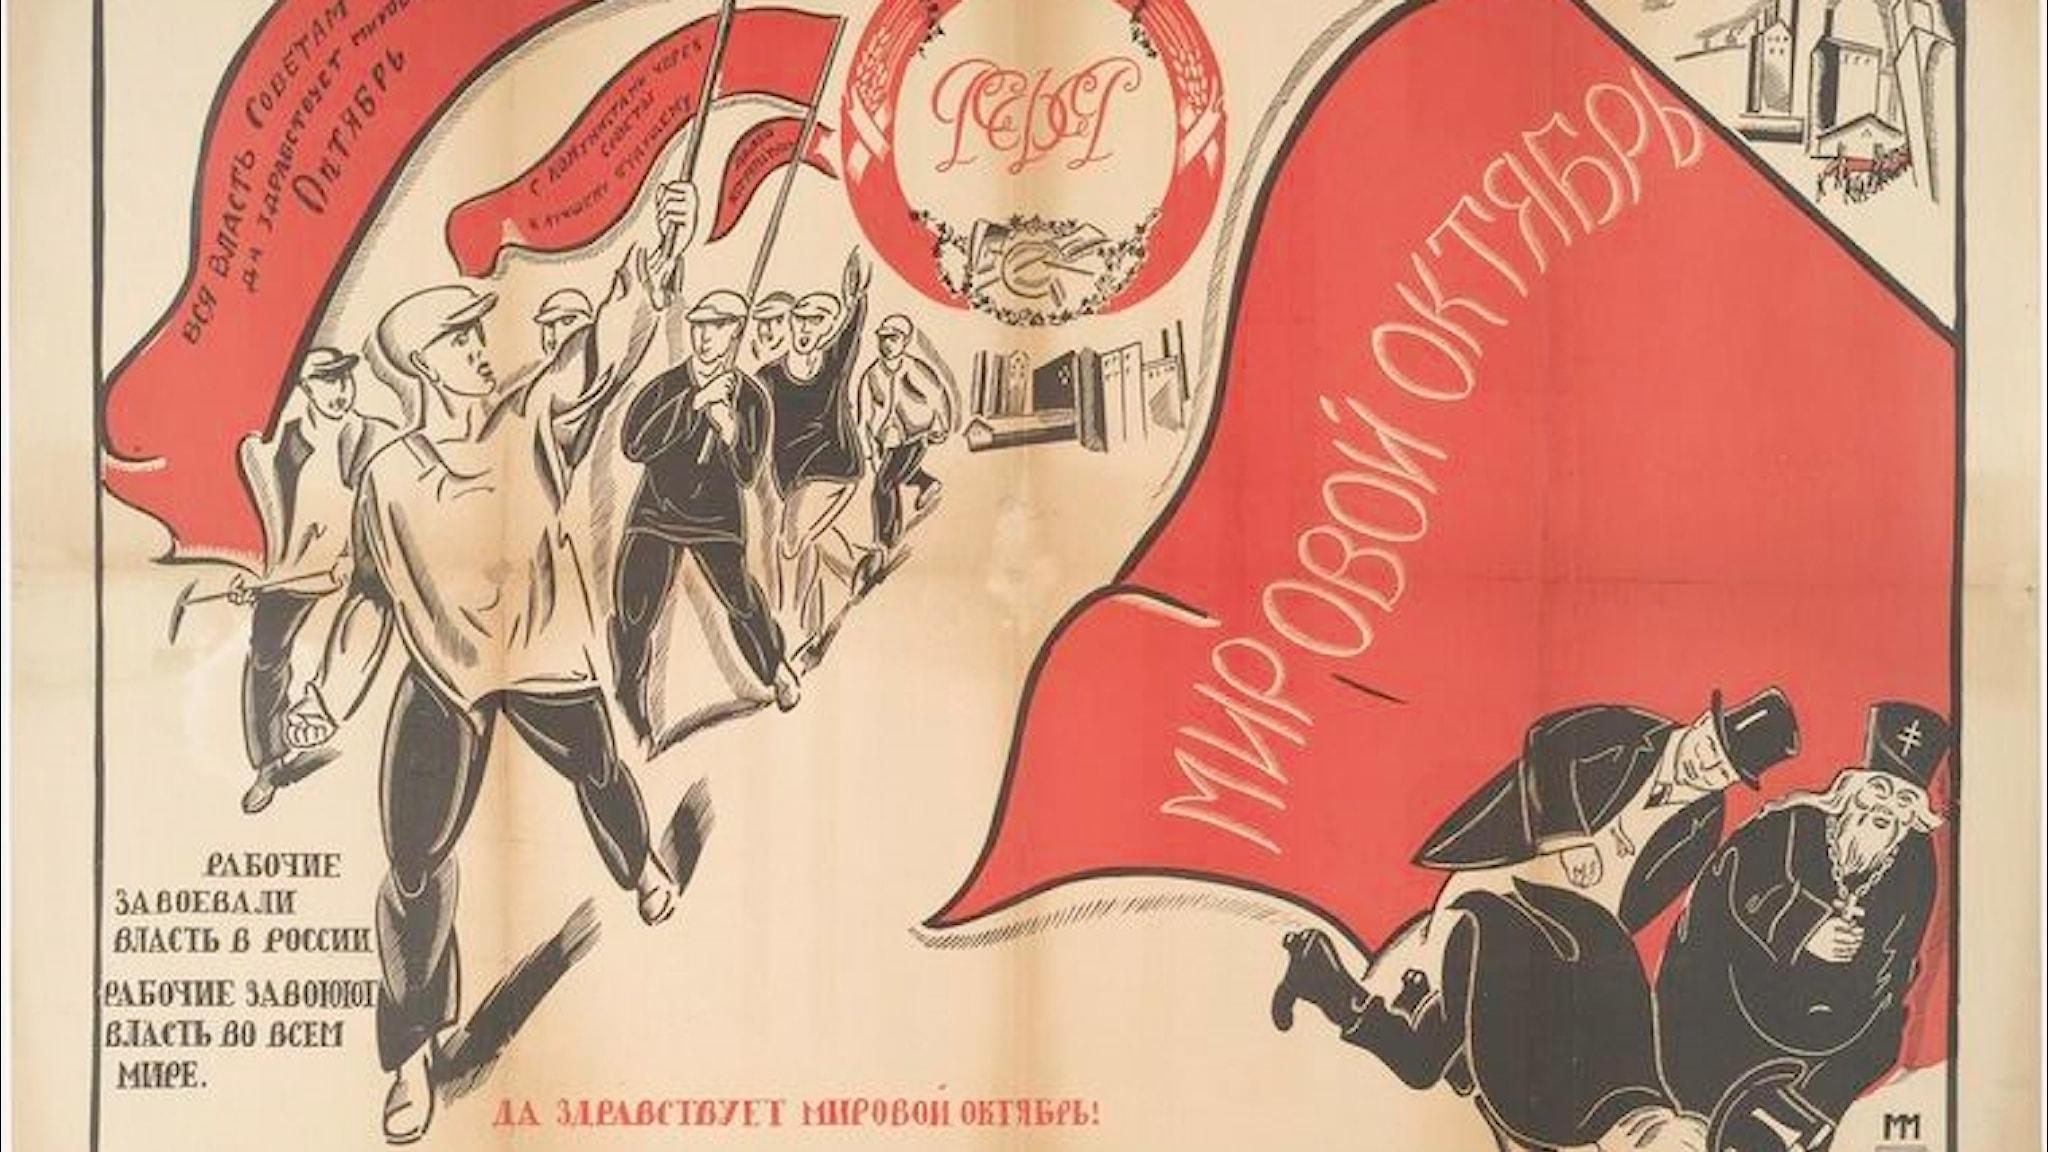 Länge leve Oktoberrevolutionen hävdade dåtidens politiska propaganda.